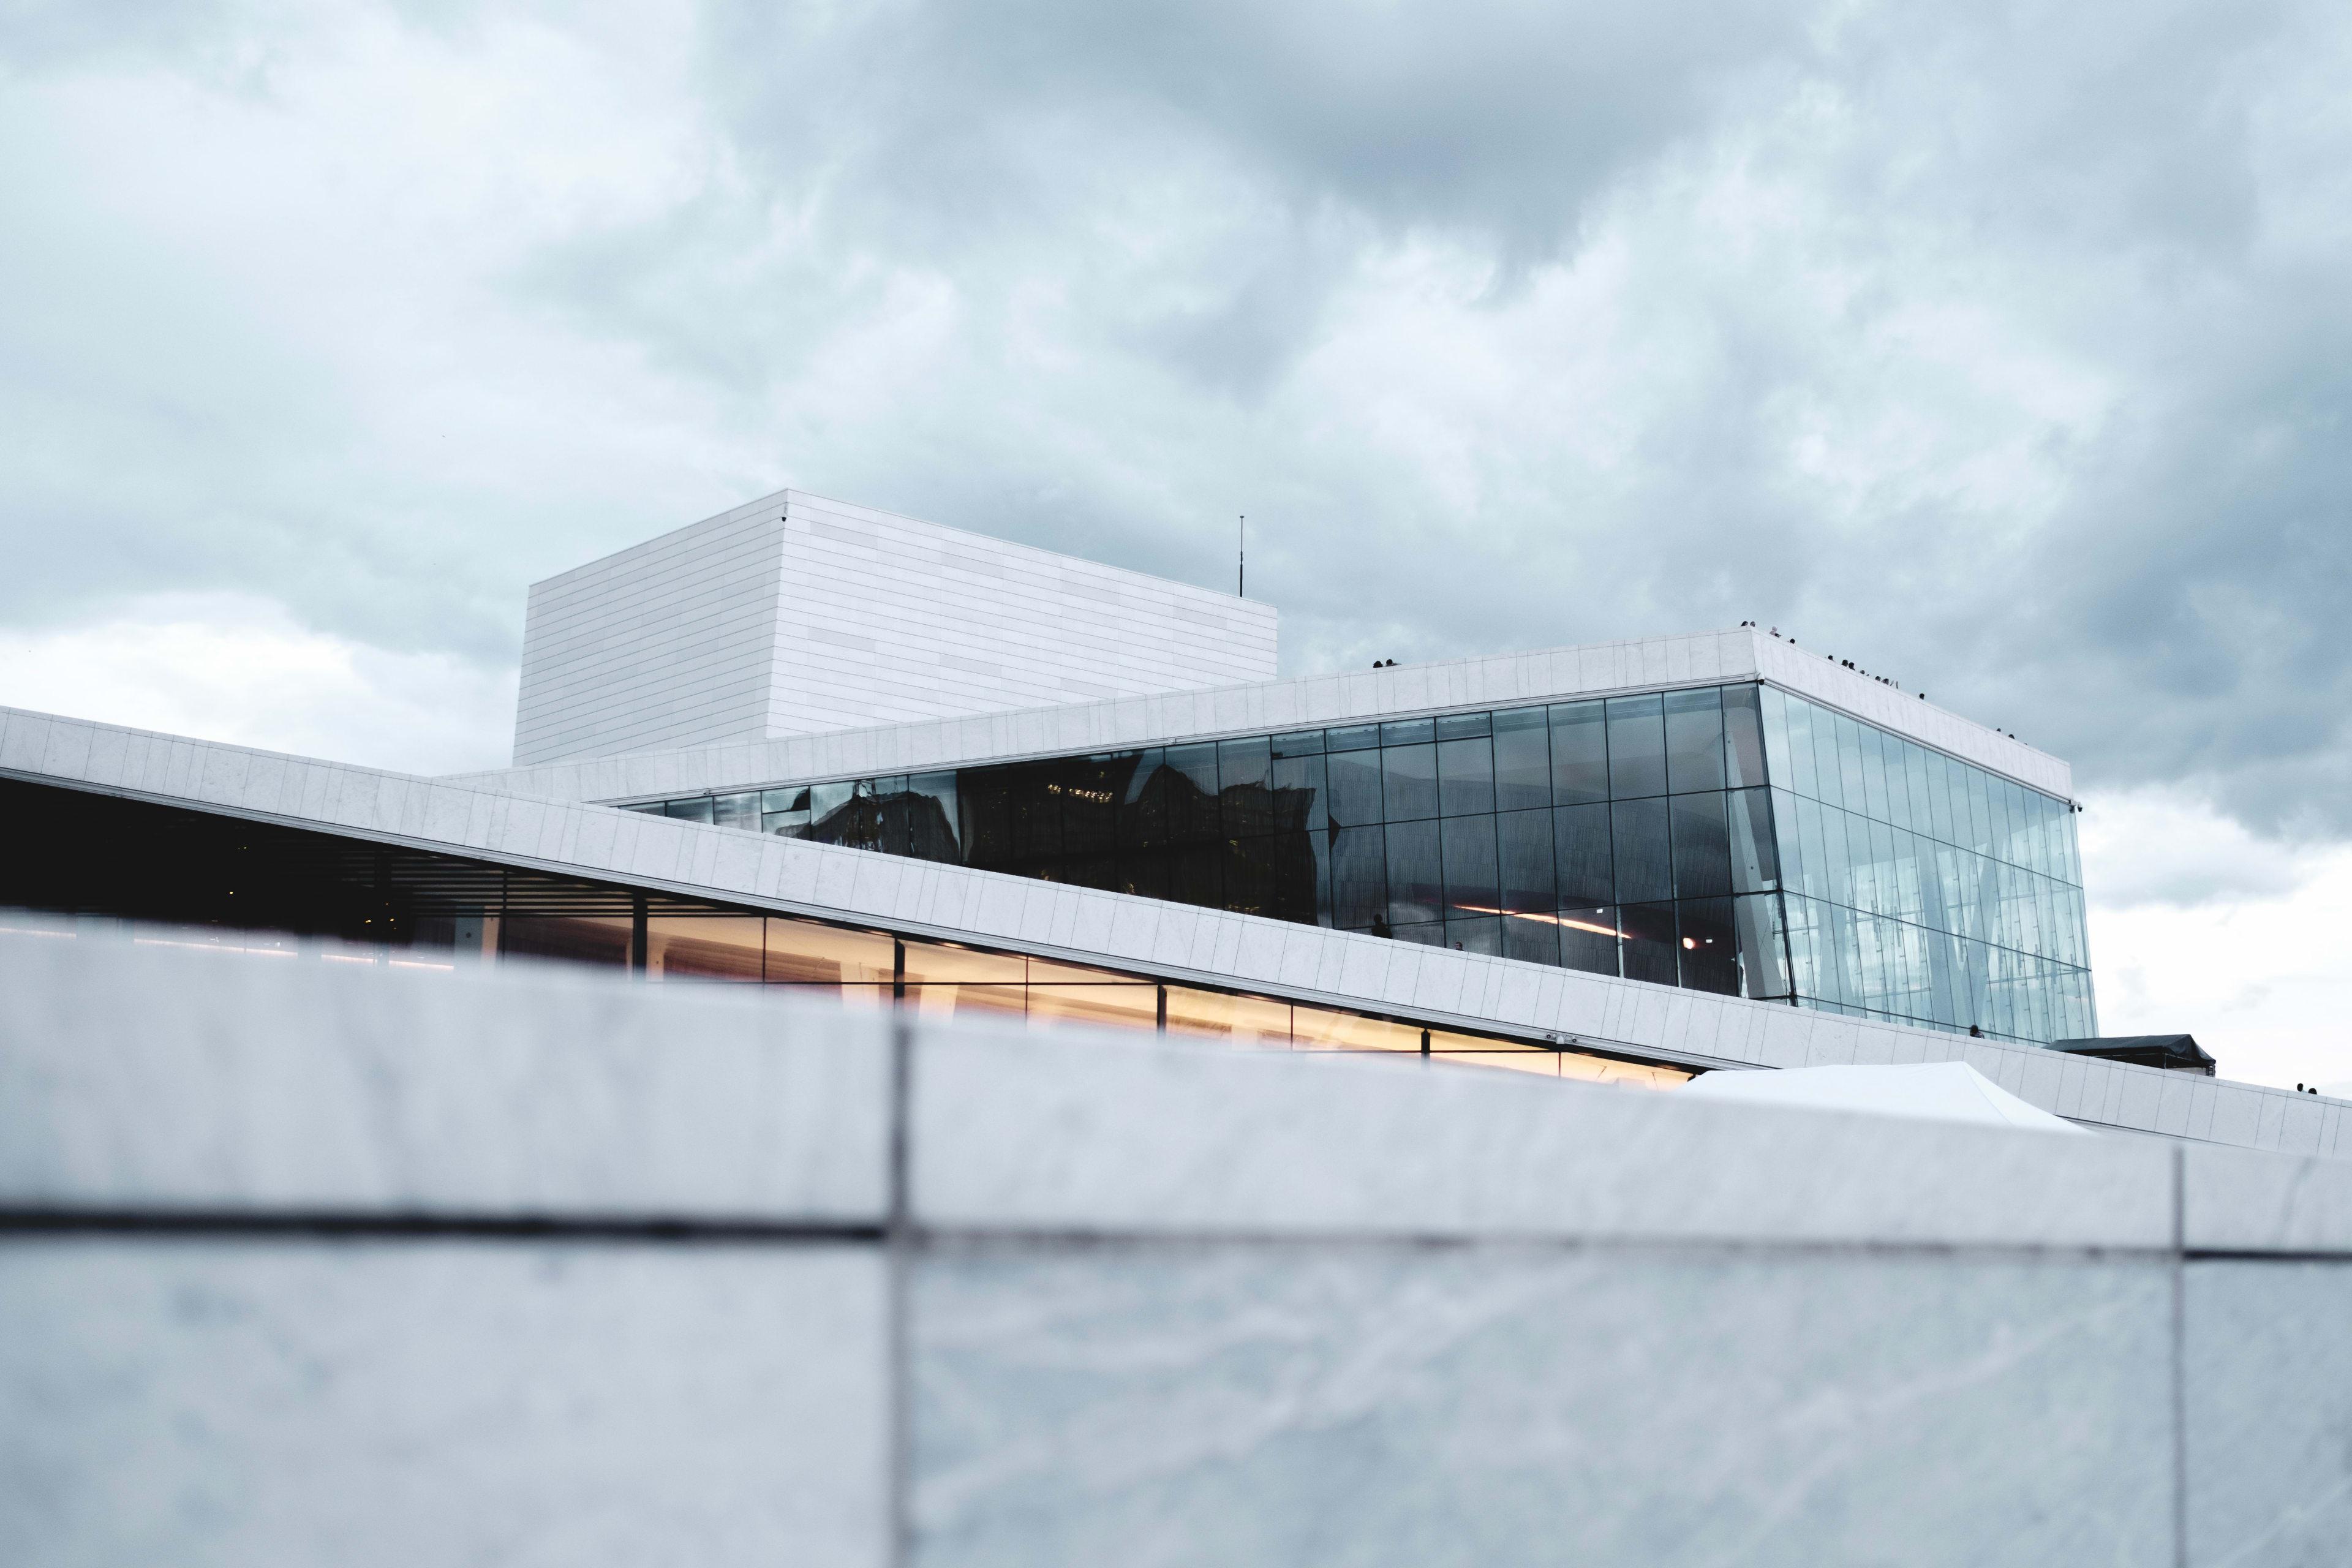 Nettsidebyrå i Oslo Skai Digital